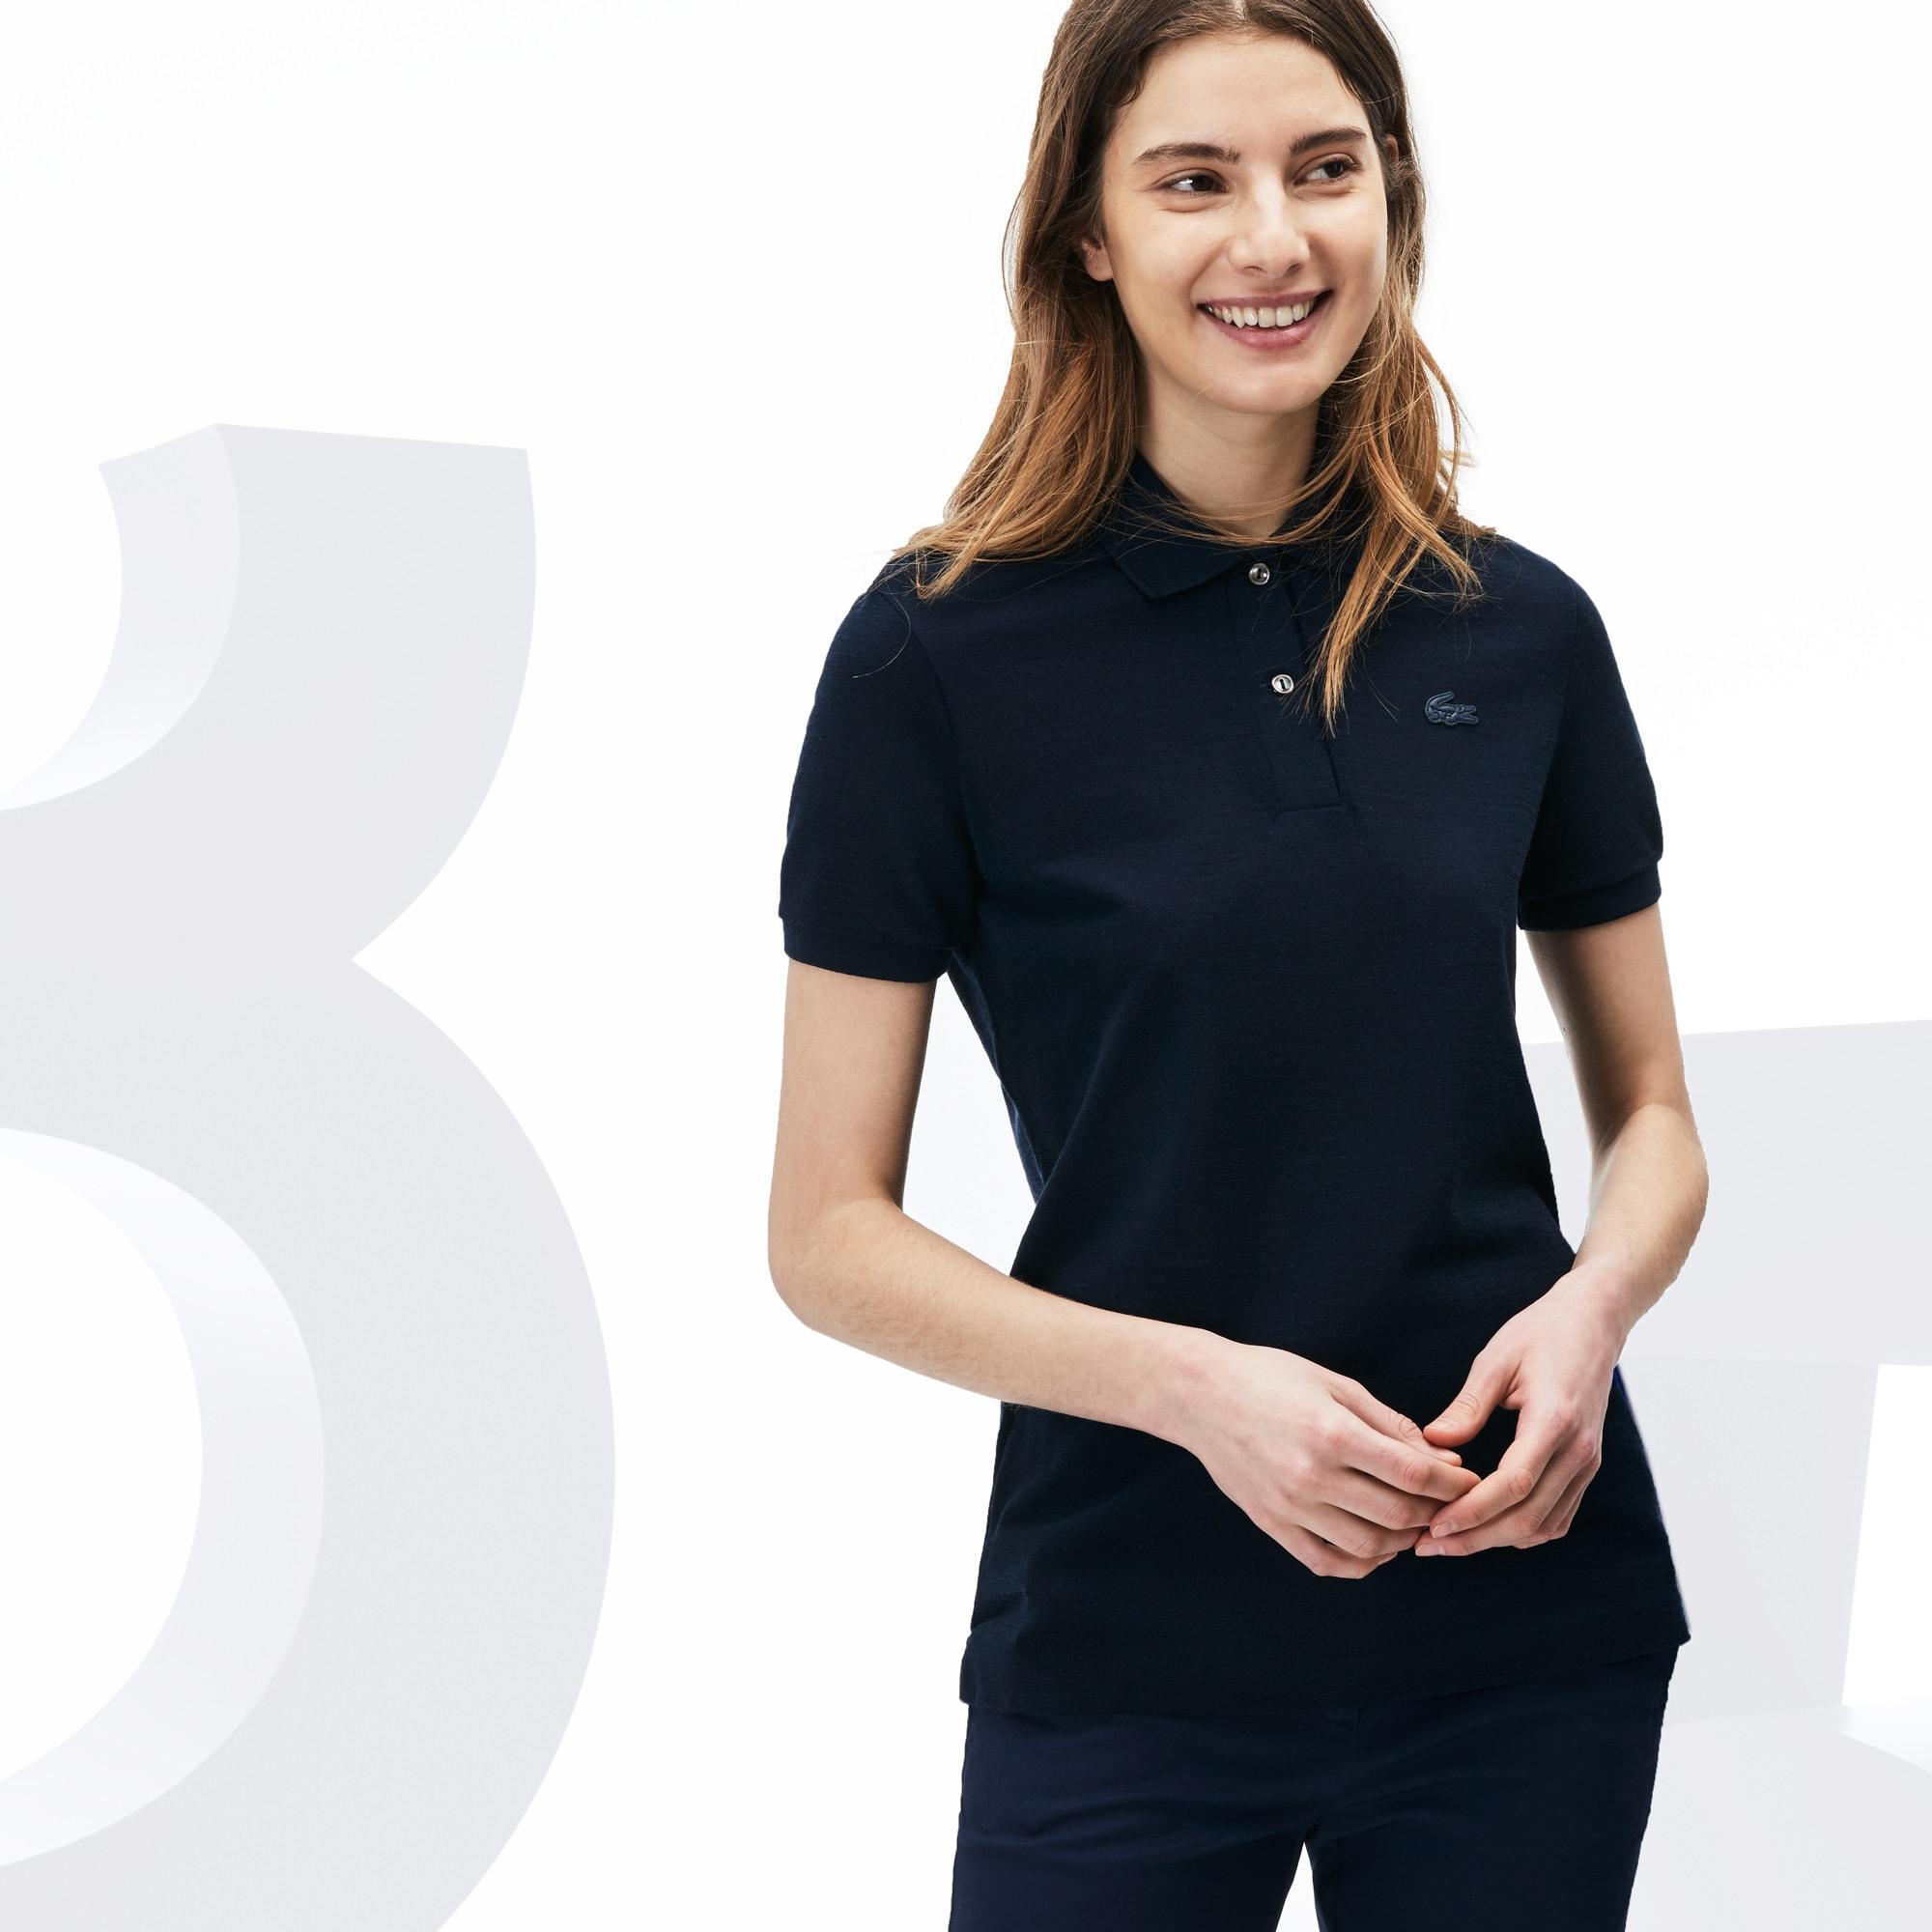 Camisa Polo Lacoste Feminina Classic Fit de Lã em Edição Limitada de Aniversário de 85 anos